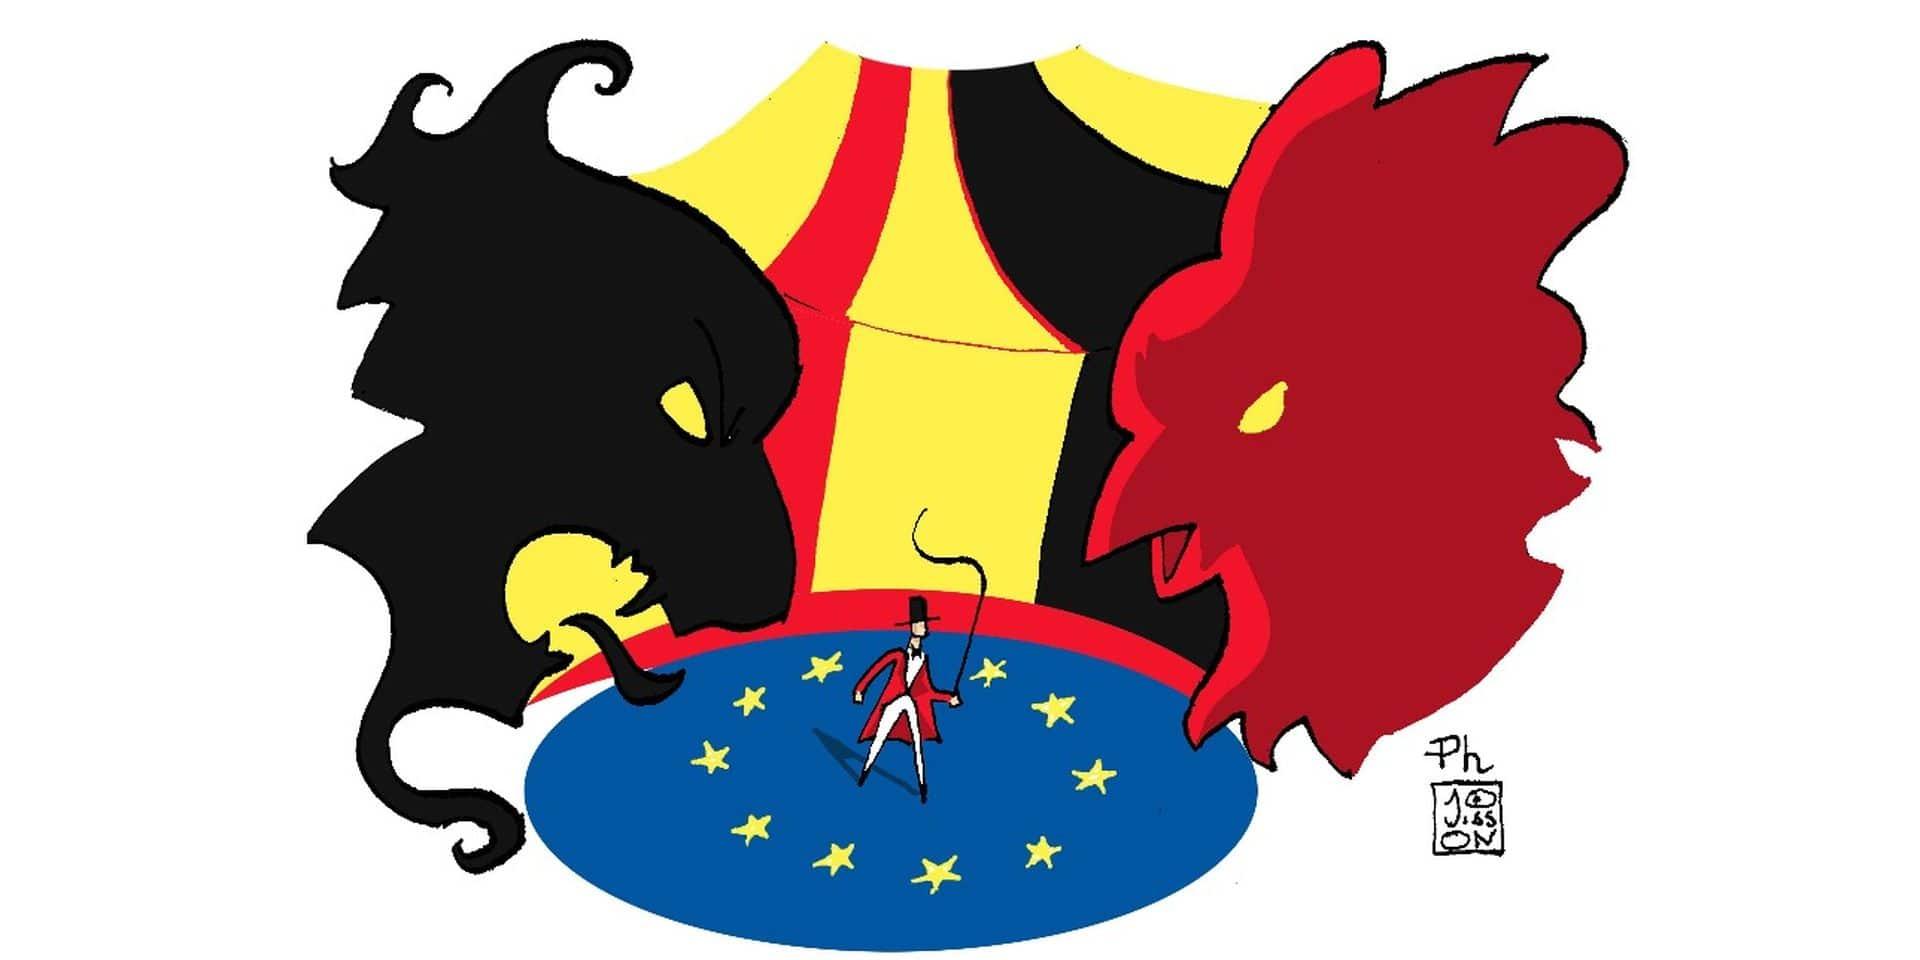 Le Conseil interfédéral, la clé de toute réforme de l'État